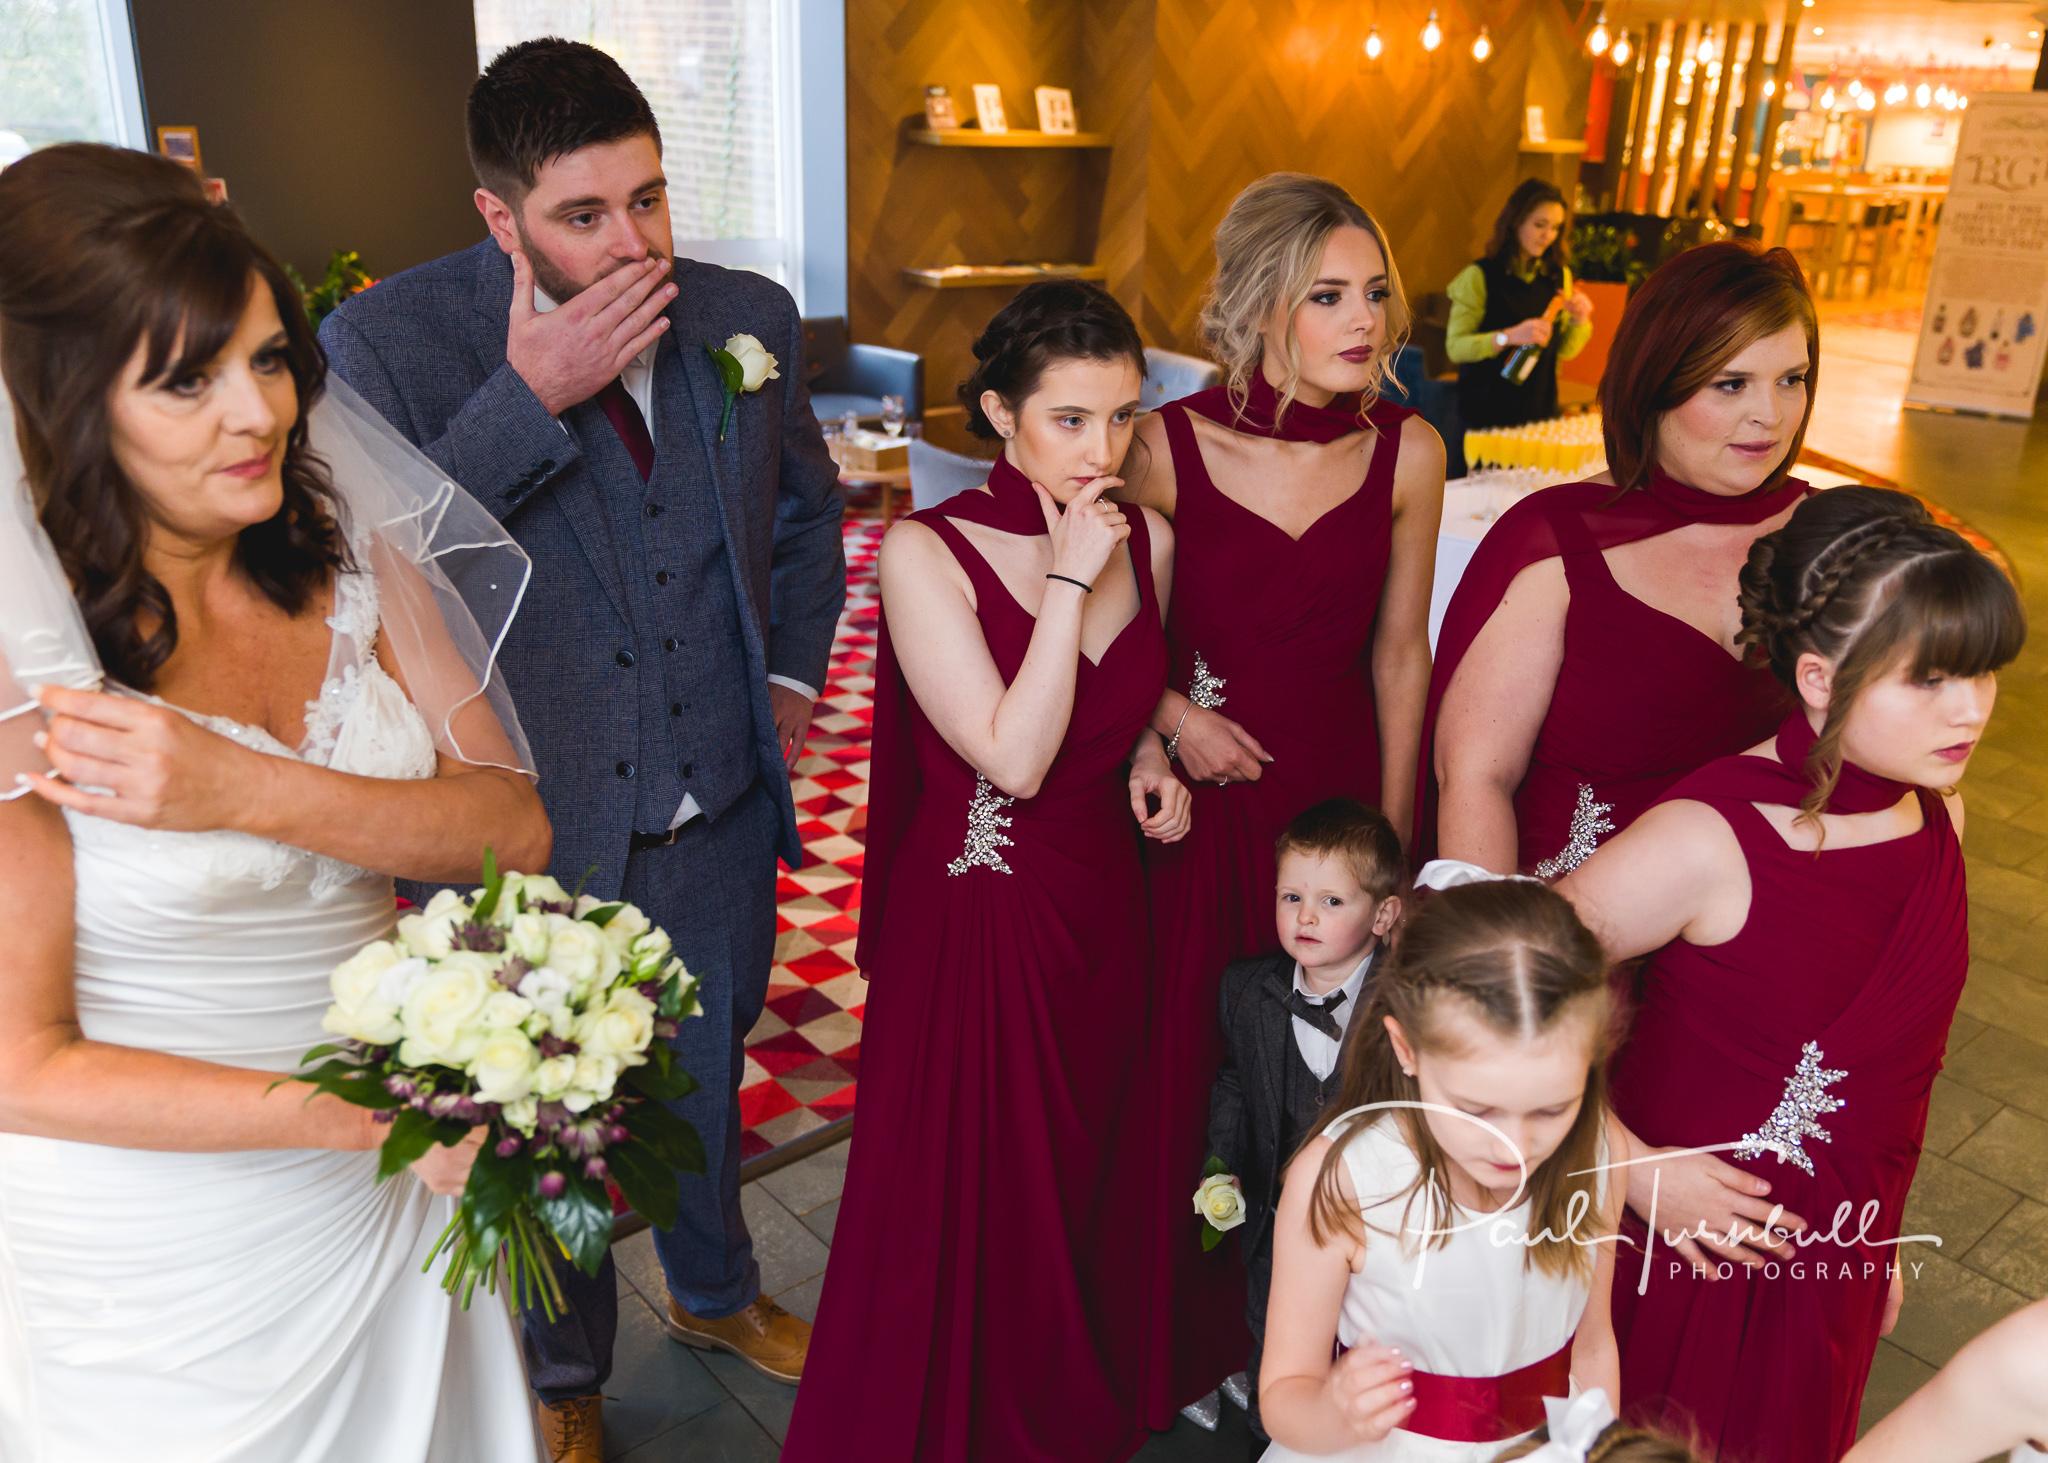 wedding-photographer-leeds-holiday-inn-garforth-024.jpg